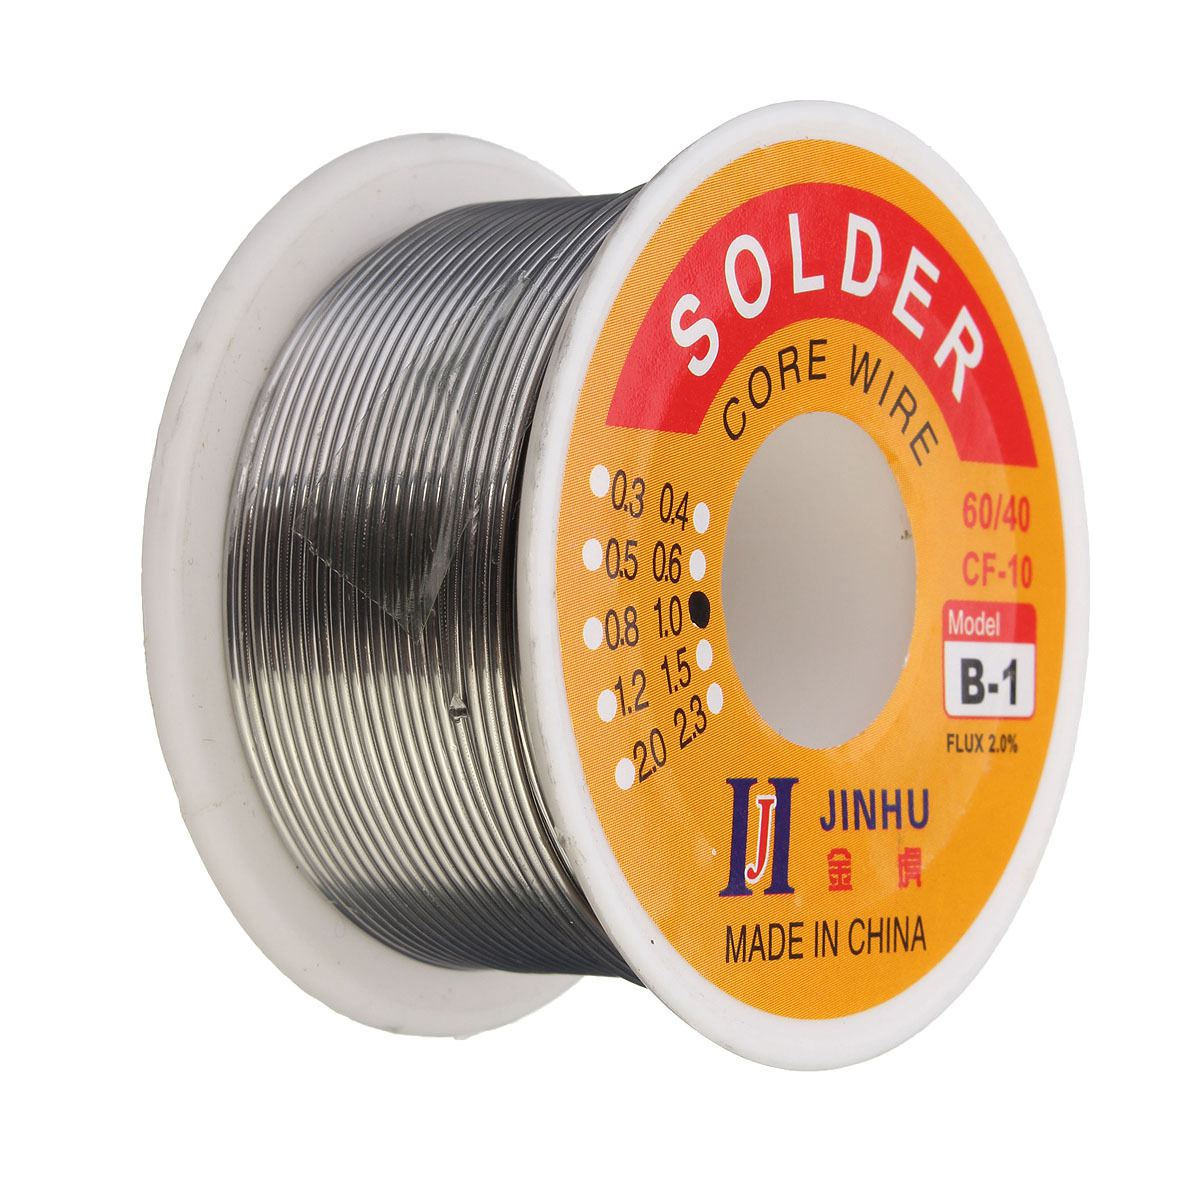 solder-wire-primary